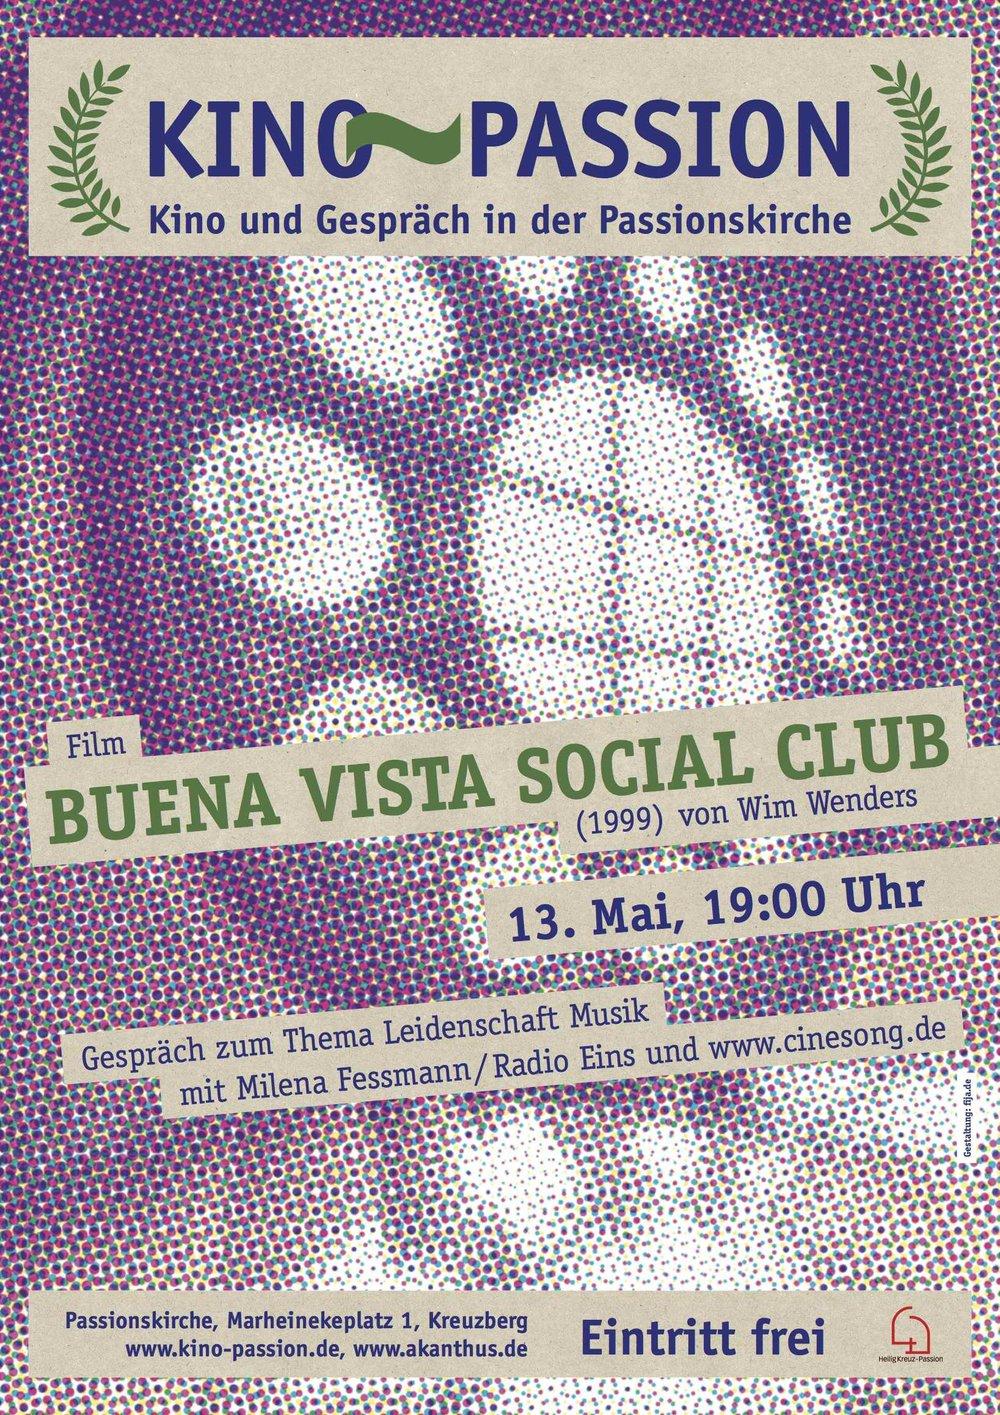 98_Kino-passion_BuenaVista.jpg